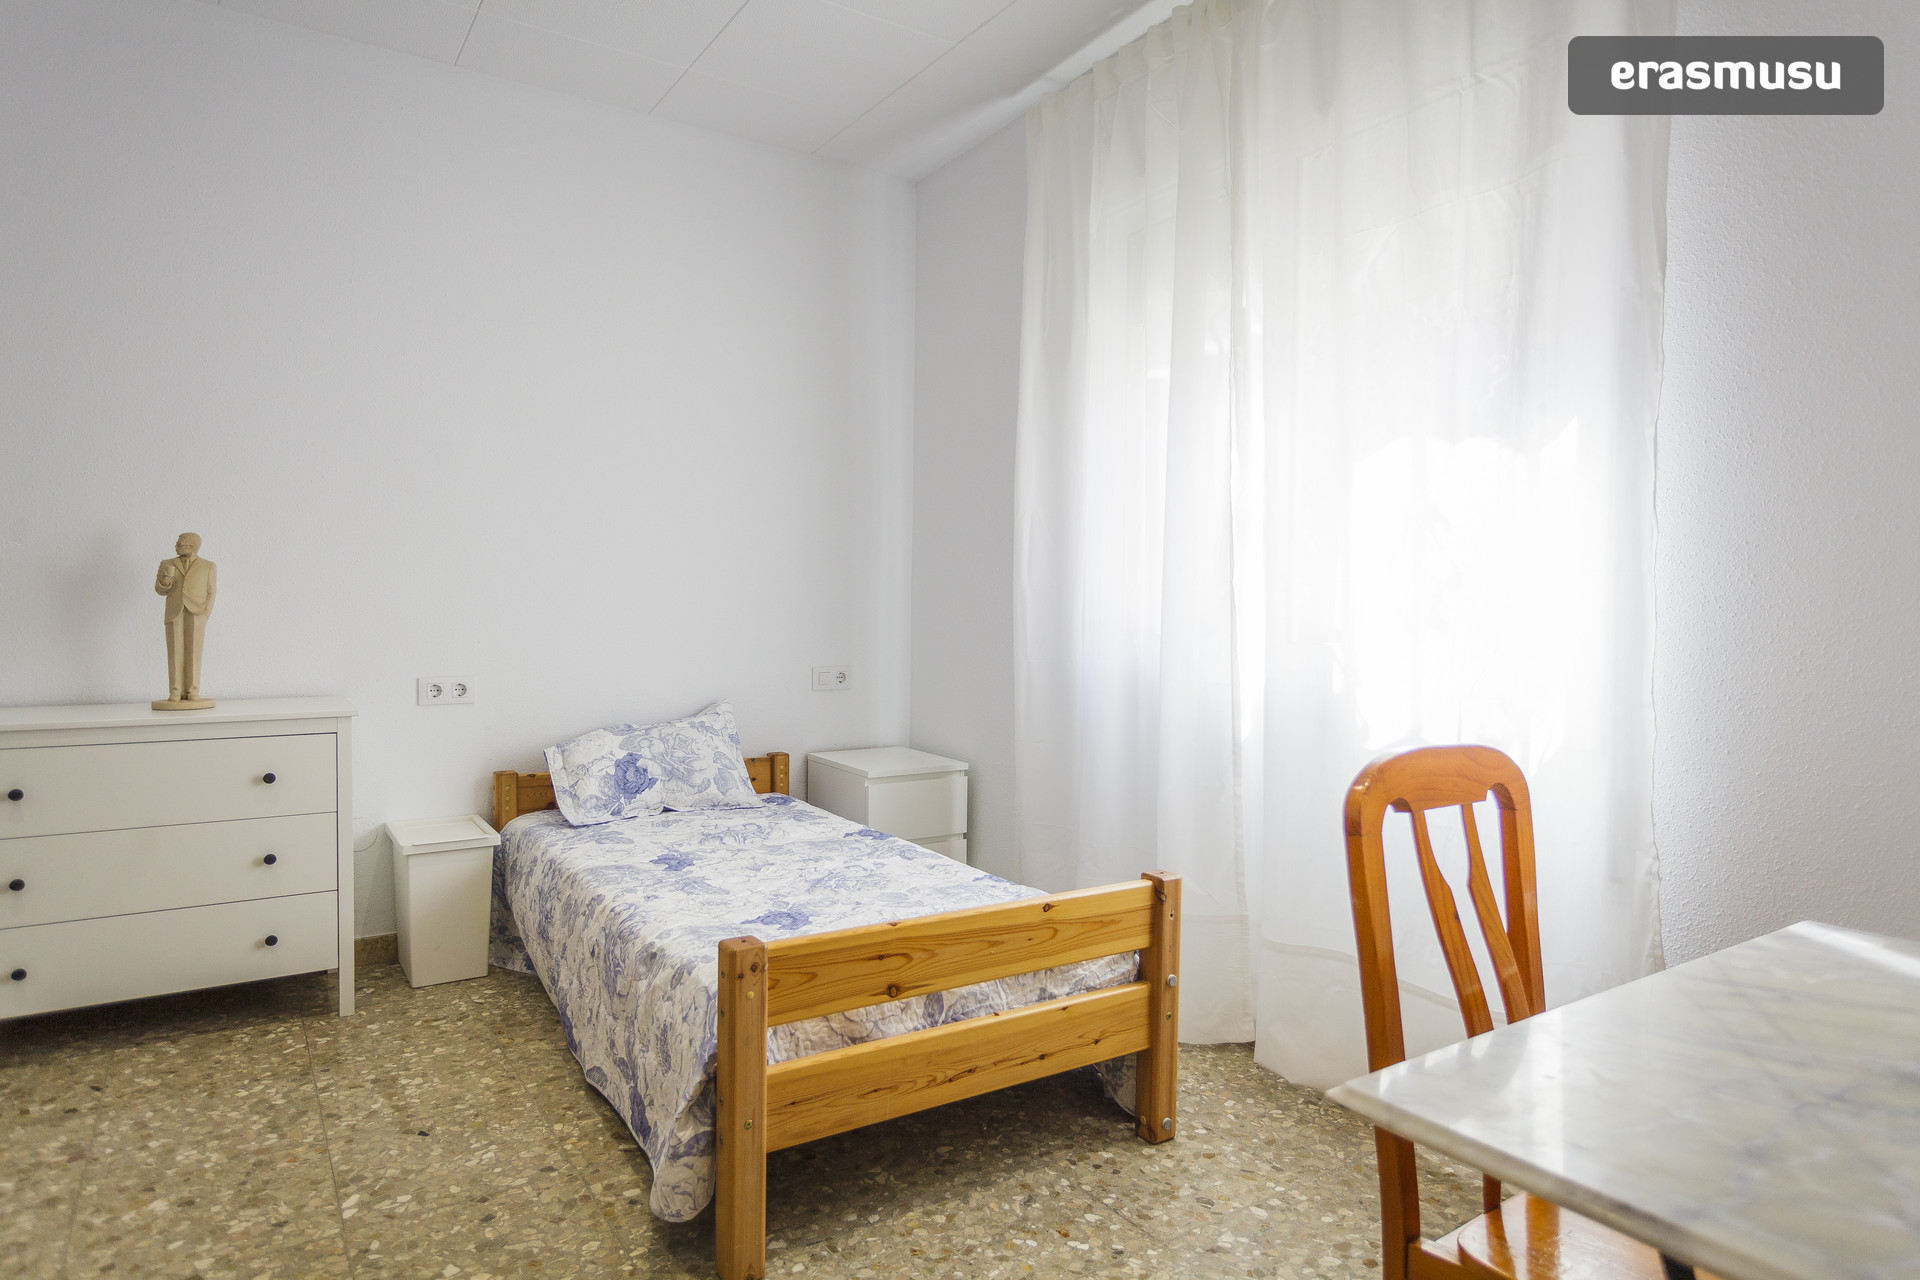 alquiler de habitacin para chico en barcelona